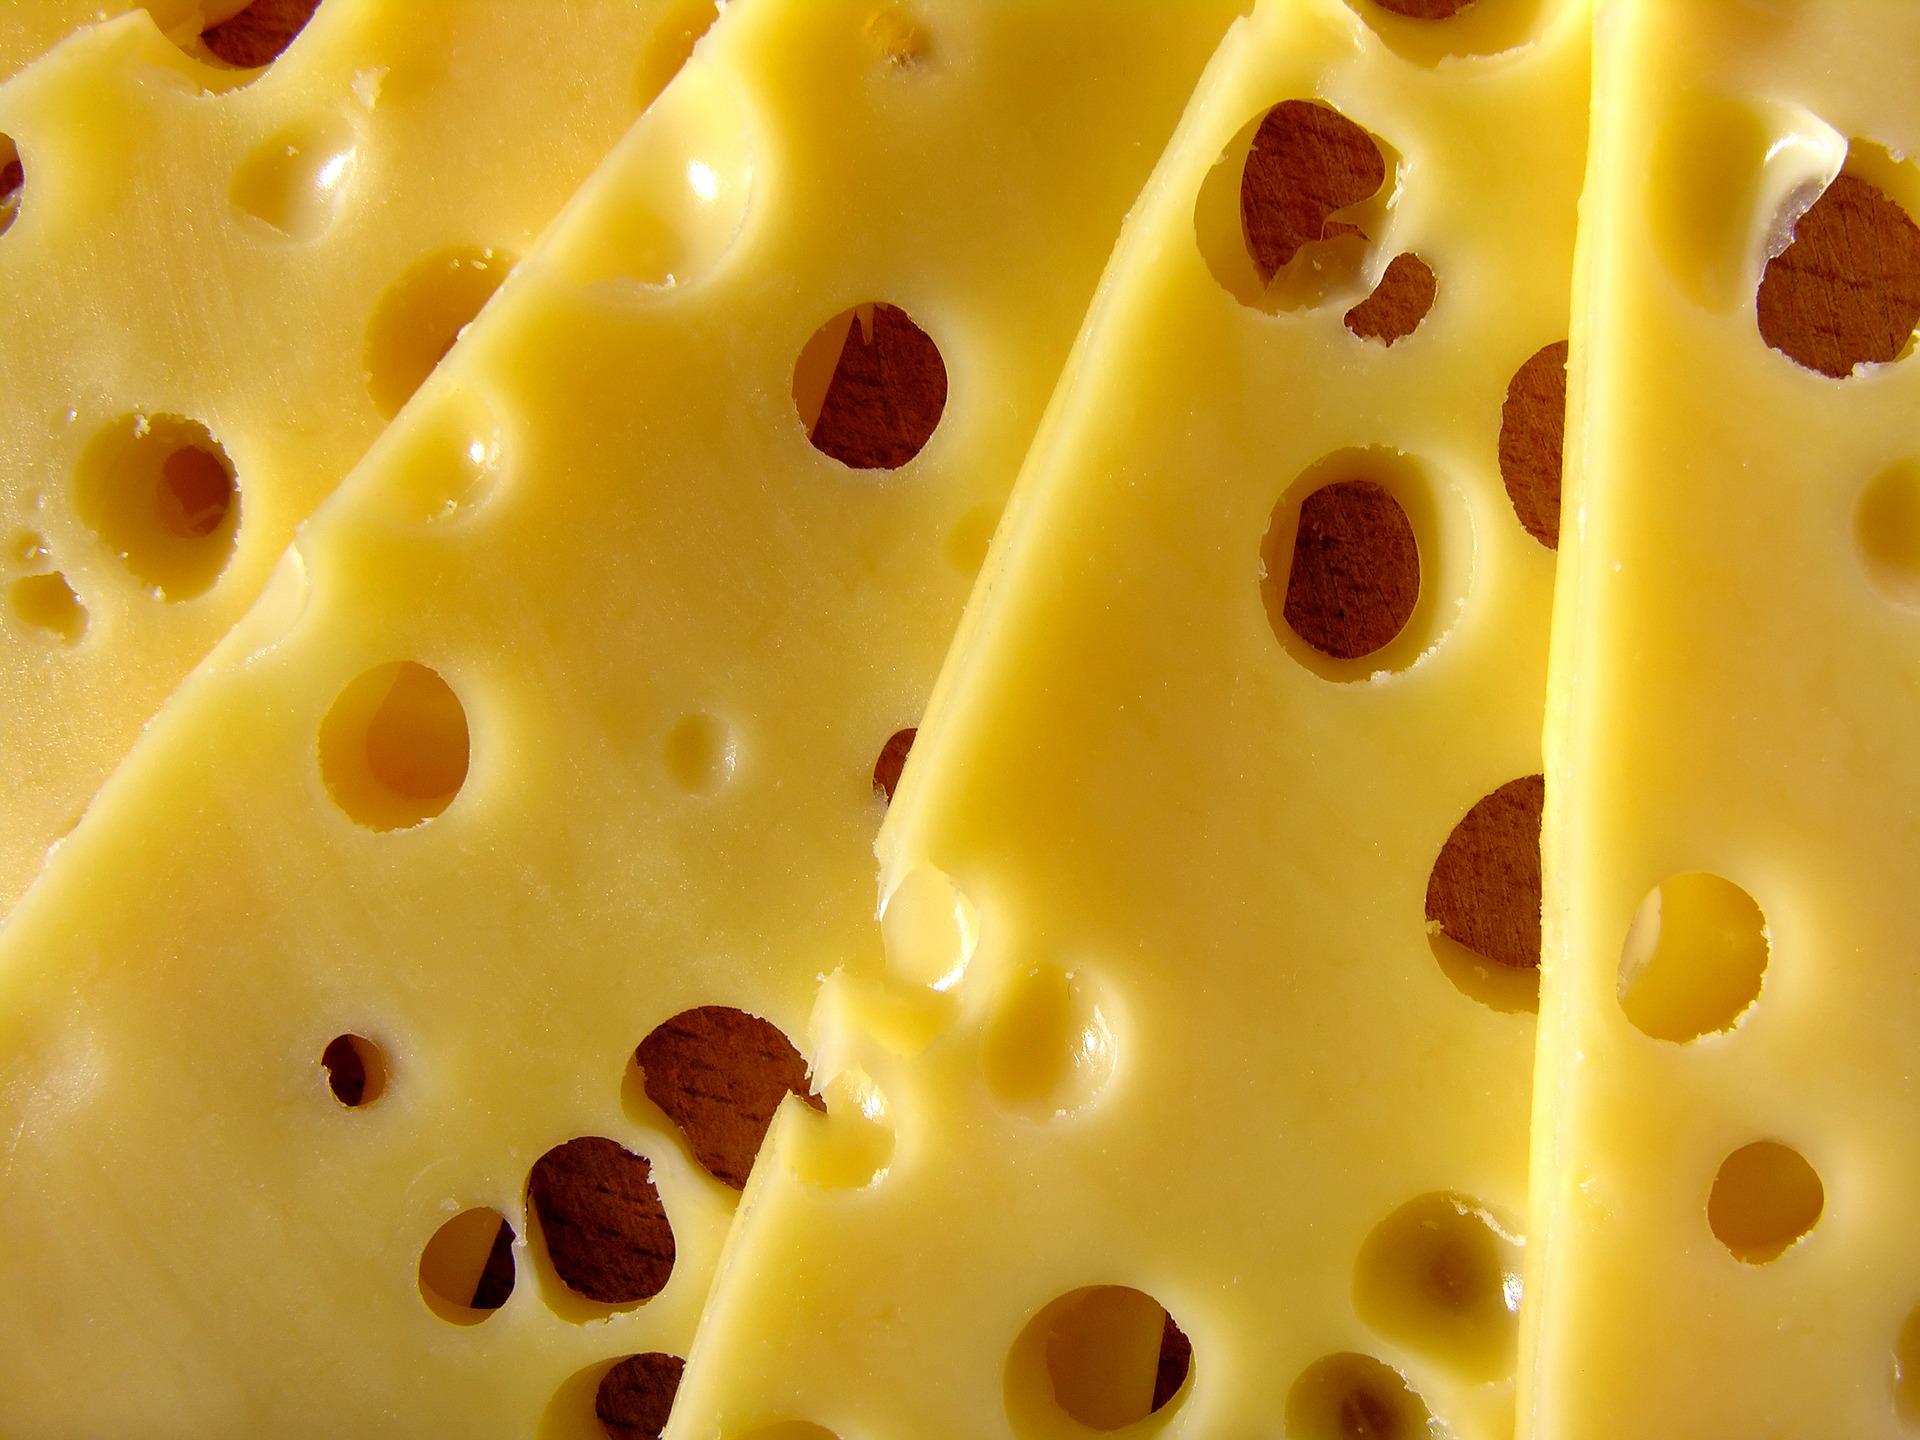 cheese-1972744_1920.jpg